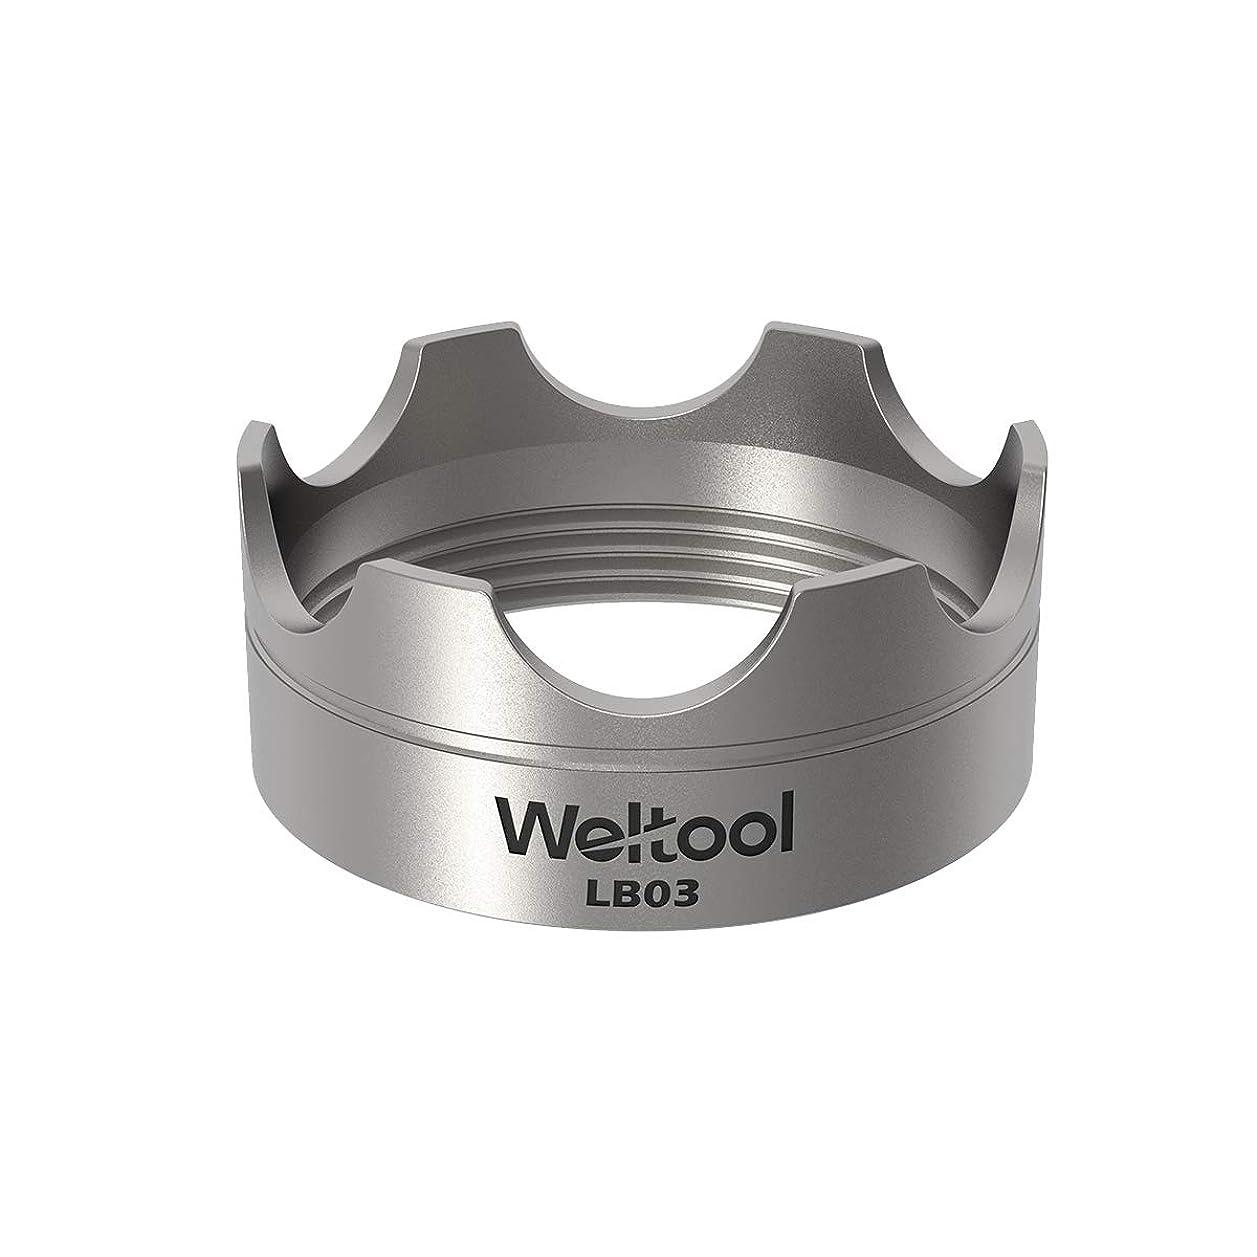 告白する抜け目のないそこWeltool ヘッド ベゼル 対応 Maglite 懐中電灯(Maglite 単一電池 懐中電灯用) - 304ステンレススチール - LB03モデル(Magliteガラスブレーカー用)